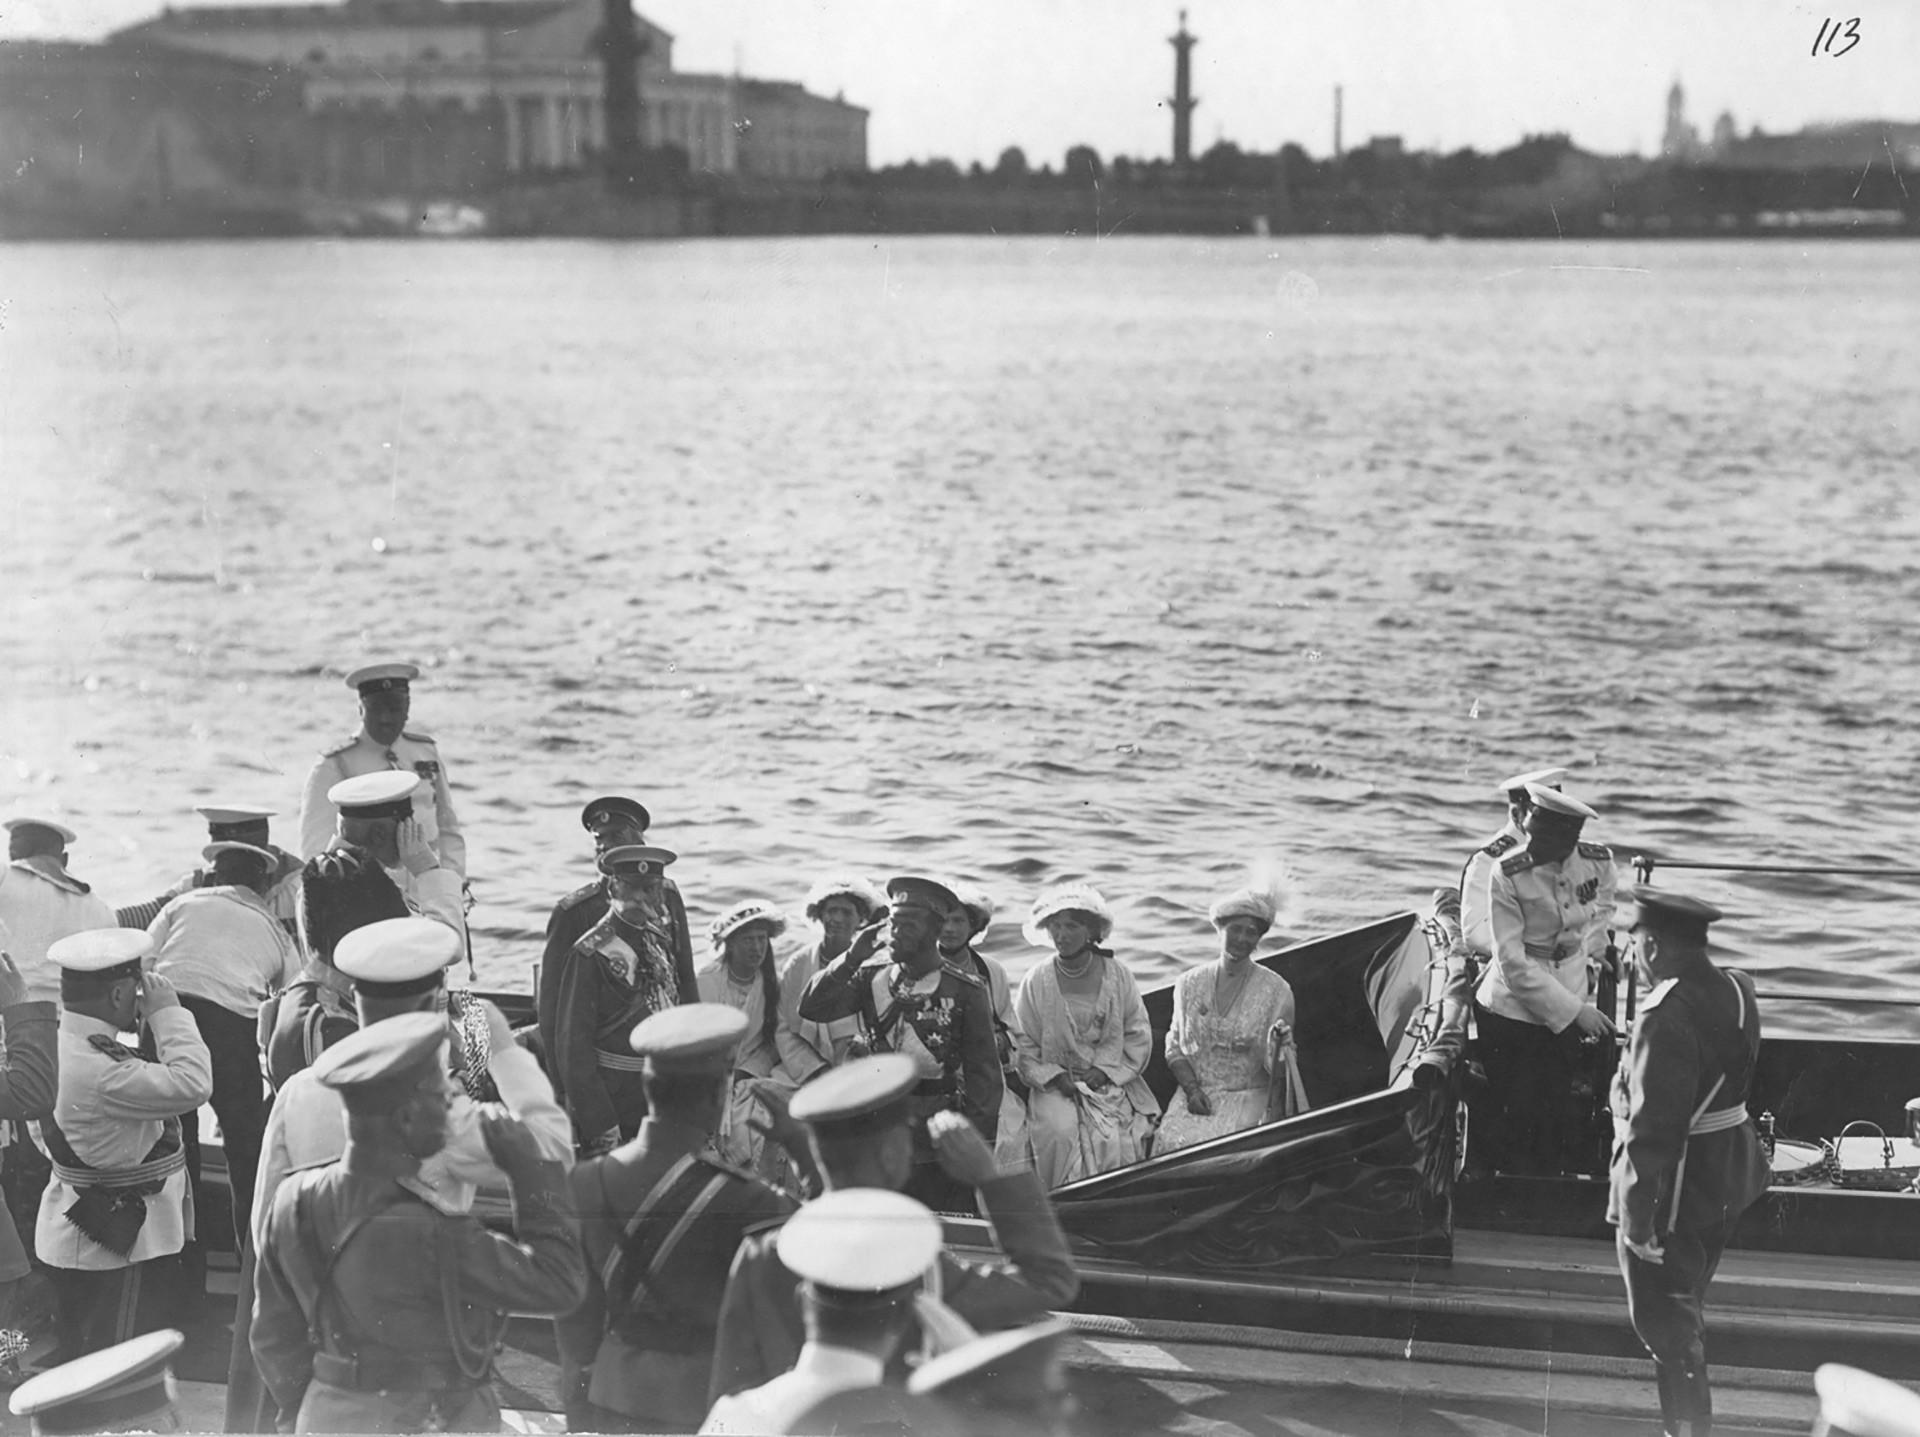 El cúter imperial Peterhof con Nicolás II y su familia a bordo en el embarcadero del palacio. Nicolás recibe un informe del ministro Naval I.K. Grigoróvich, 1914.